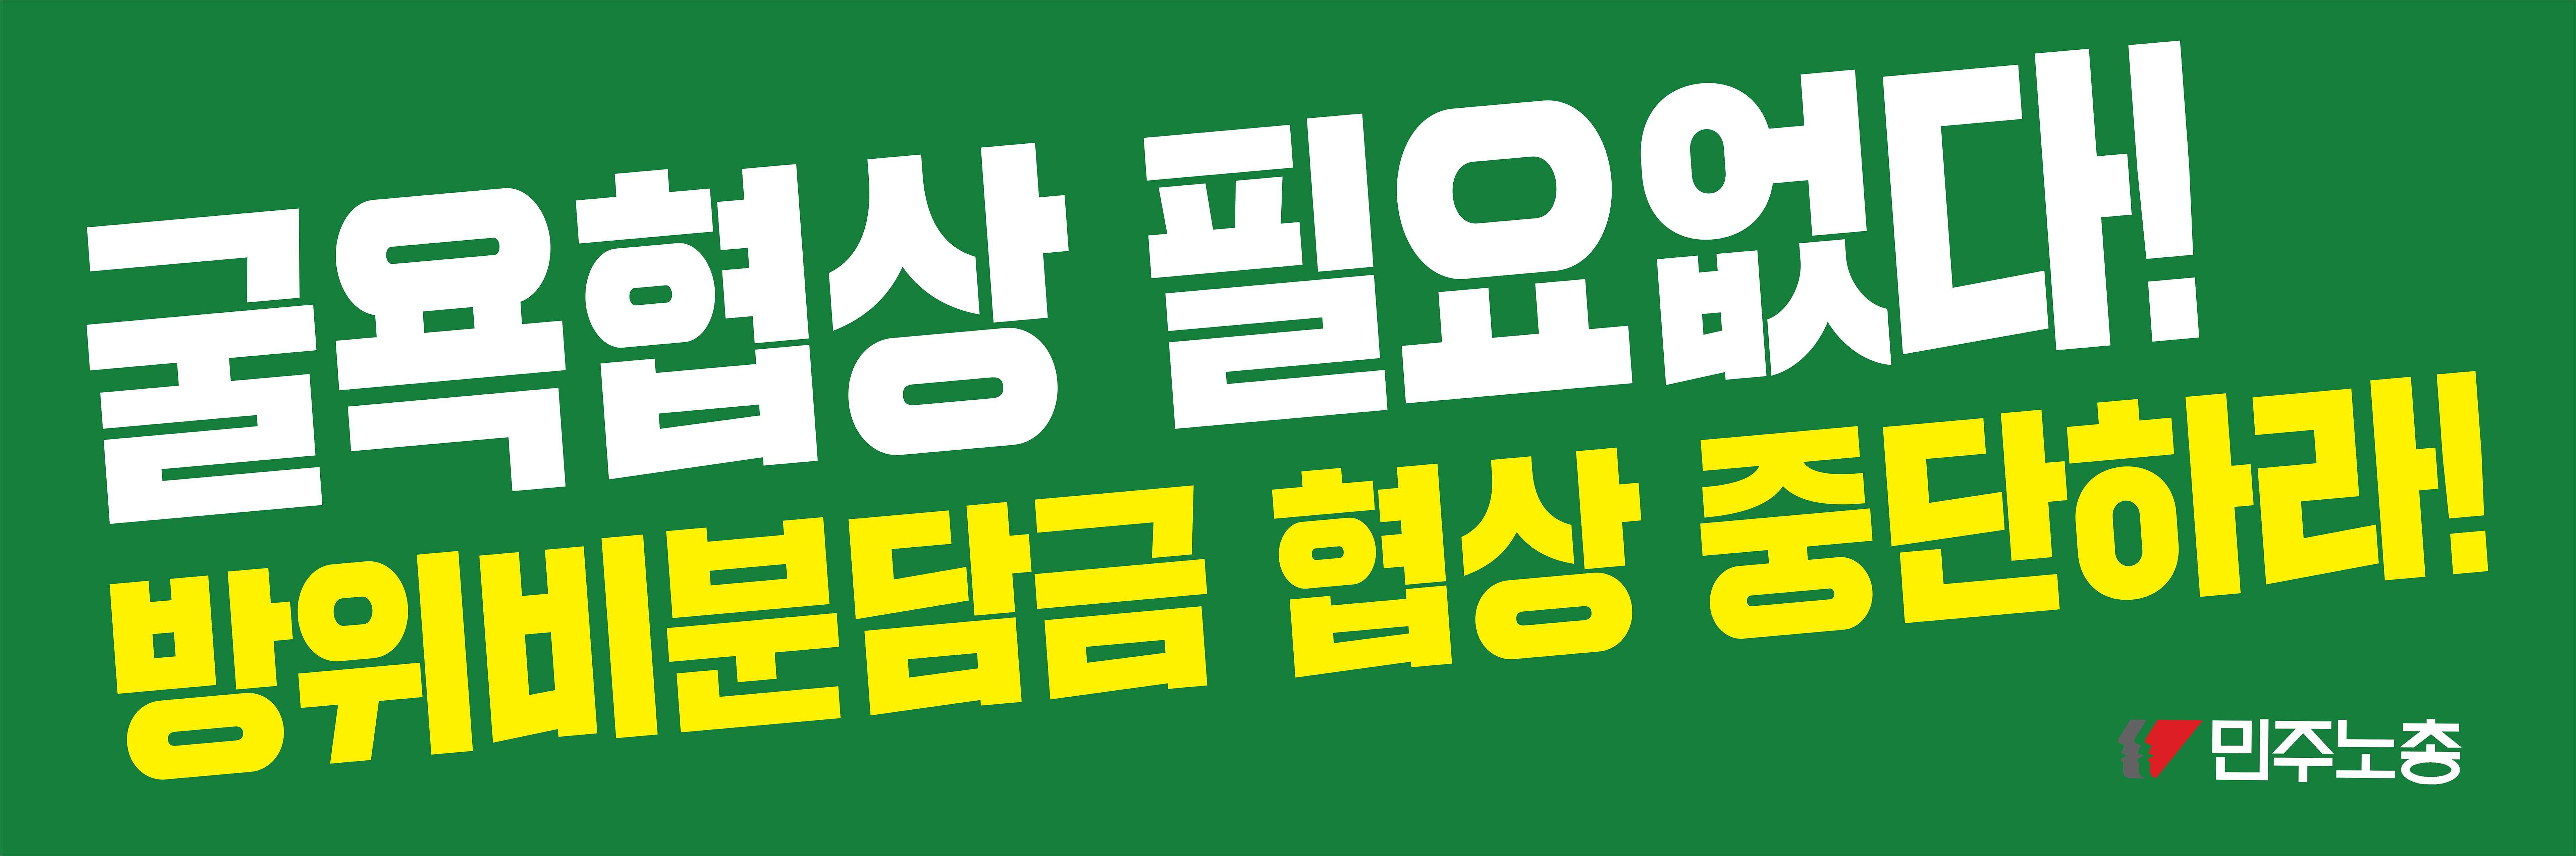 현수막4_300_90 사본 복사.png